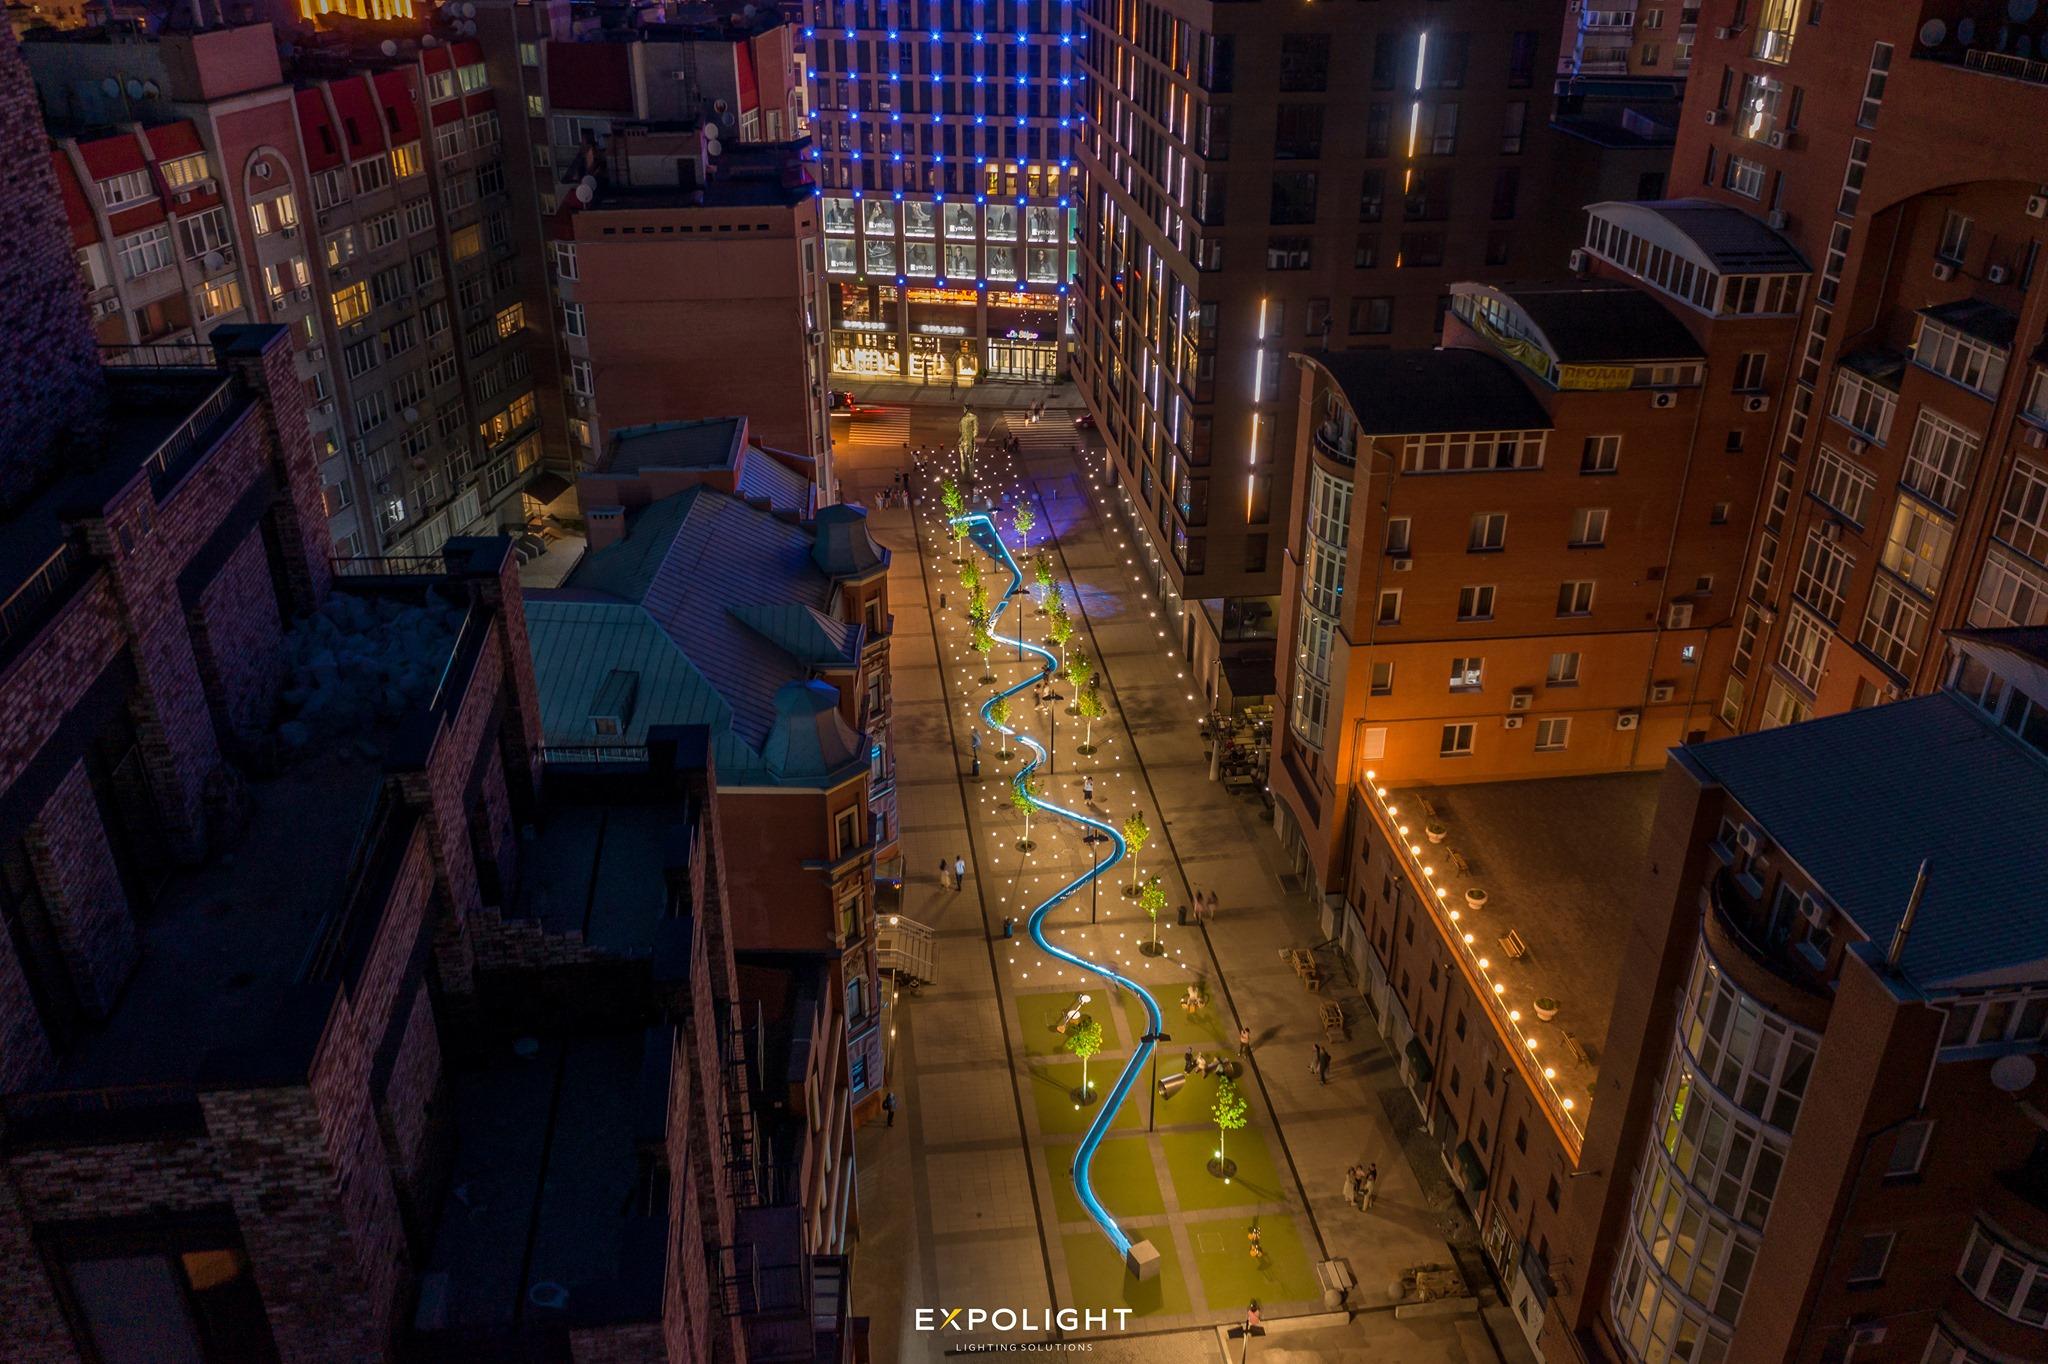 Фото — Facebook-страница светотехнической компании Expolight.